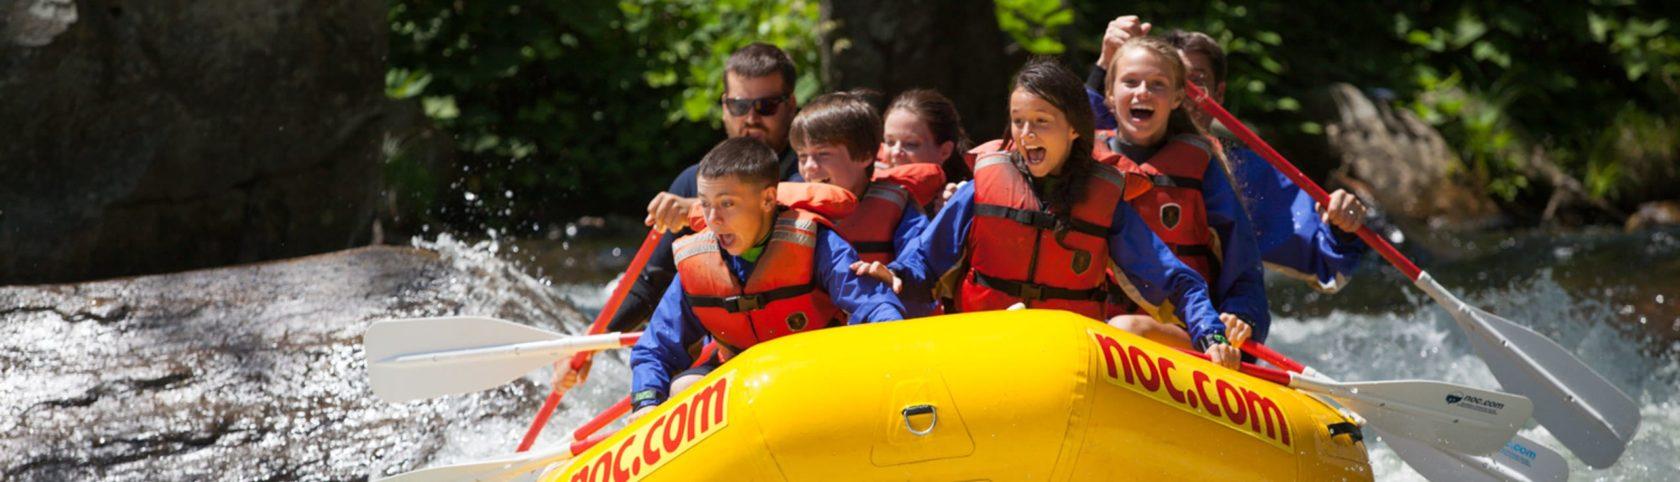 School group rafting on rapids